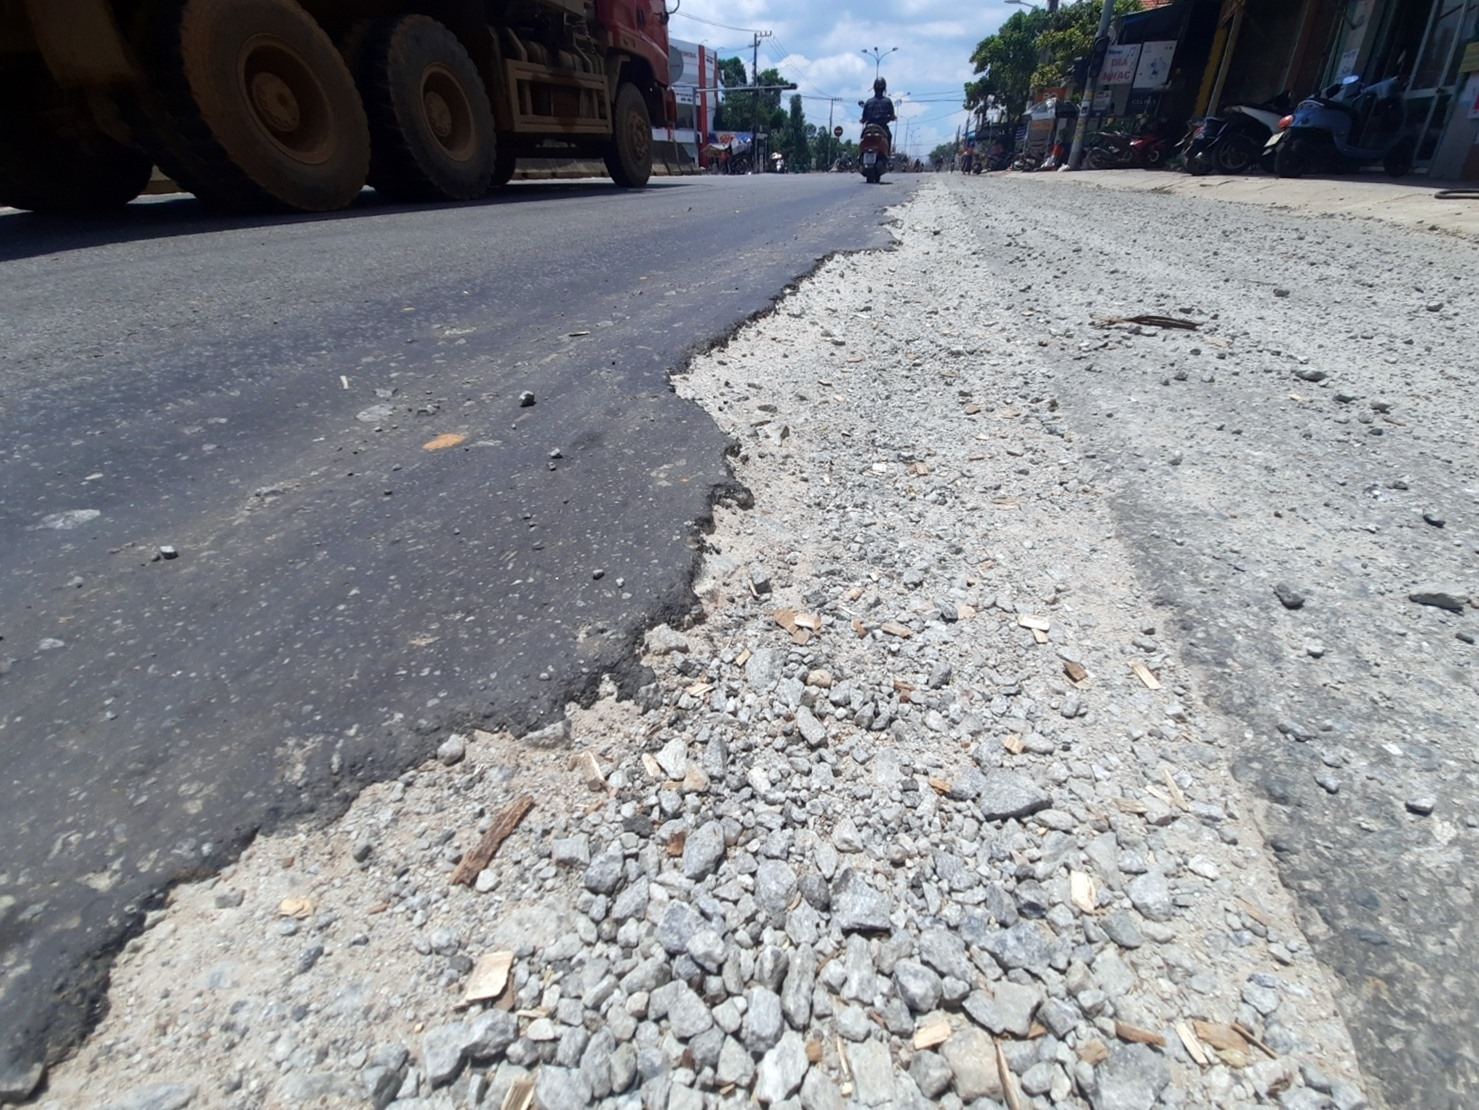 Quốc lộ 1 đoạn qua thị trấn Núi Thành vẫn nham nhở, phần đường dành cho xe máy, xe thô sơ chưa hoàn thiện nên người tham gia giao thông lấn ra phần đường xe ô tô để lưu thông. Ảnh: H.Đ